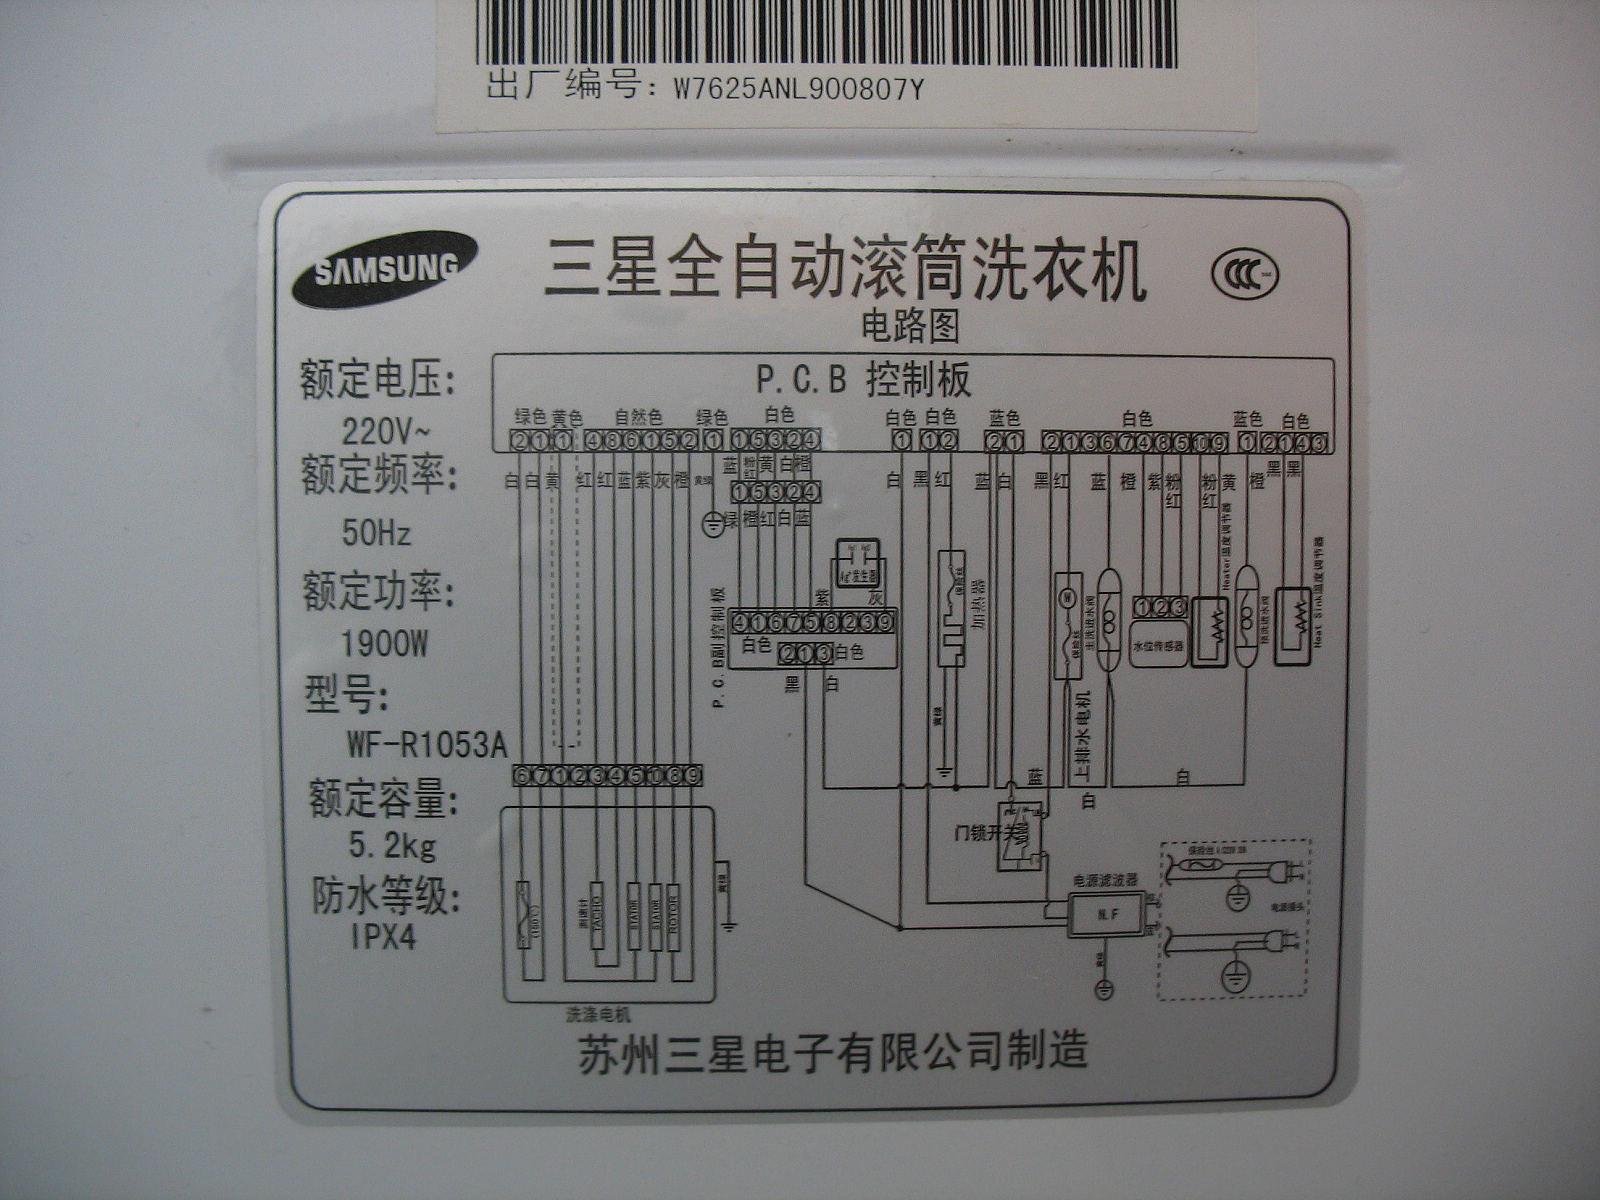 拍了一张机器背面的电路图